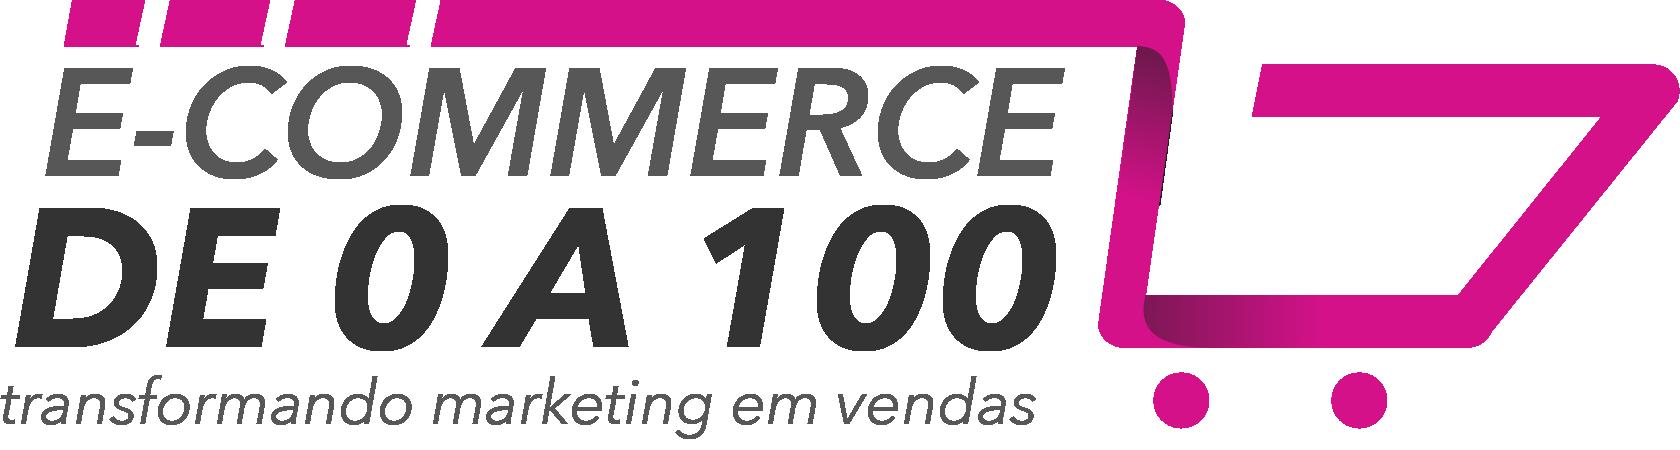 E-commerce de Zero a Cem - Marketing Digital para E-commerce